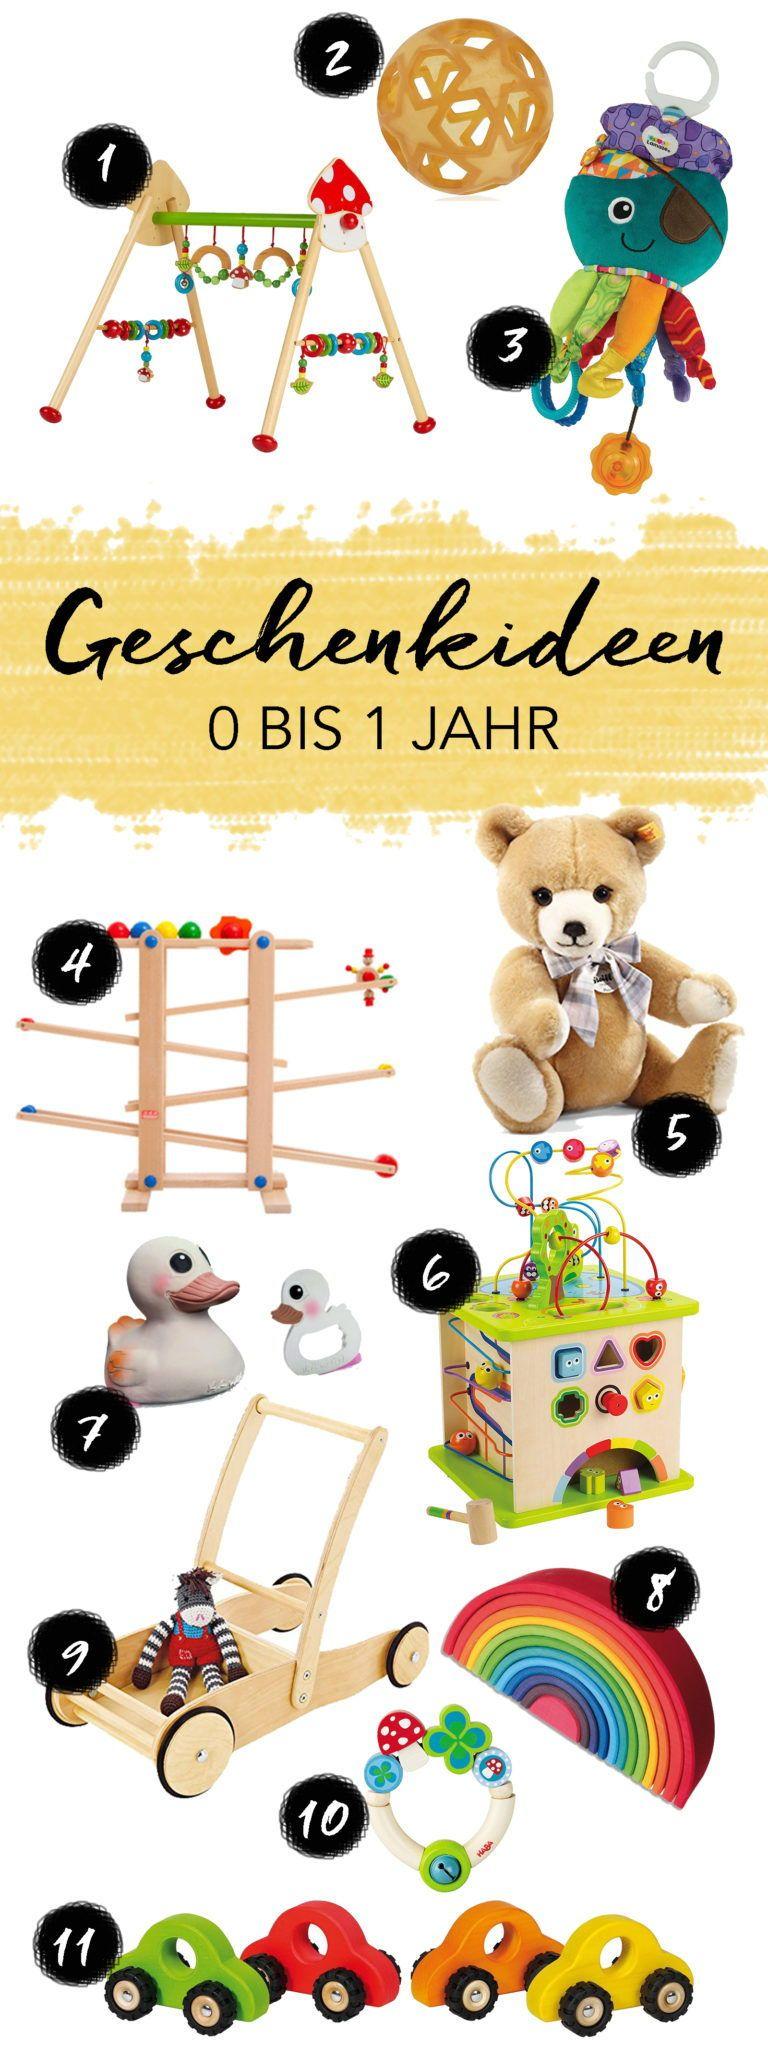 geschenkideen f r babys und kinder im alter von 0 bis 1 jahr mamablogger die pinterest. Black Bedroom Furniture Sets. Home Design Ideas